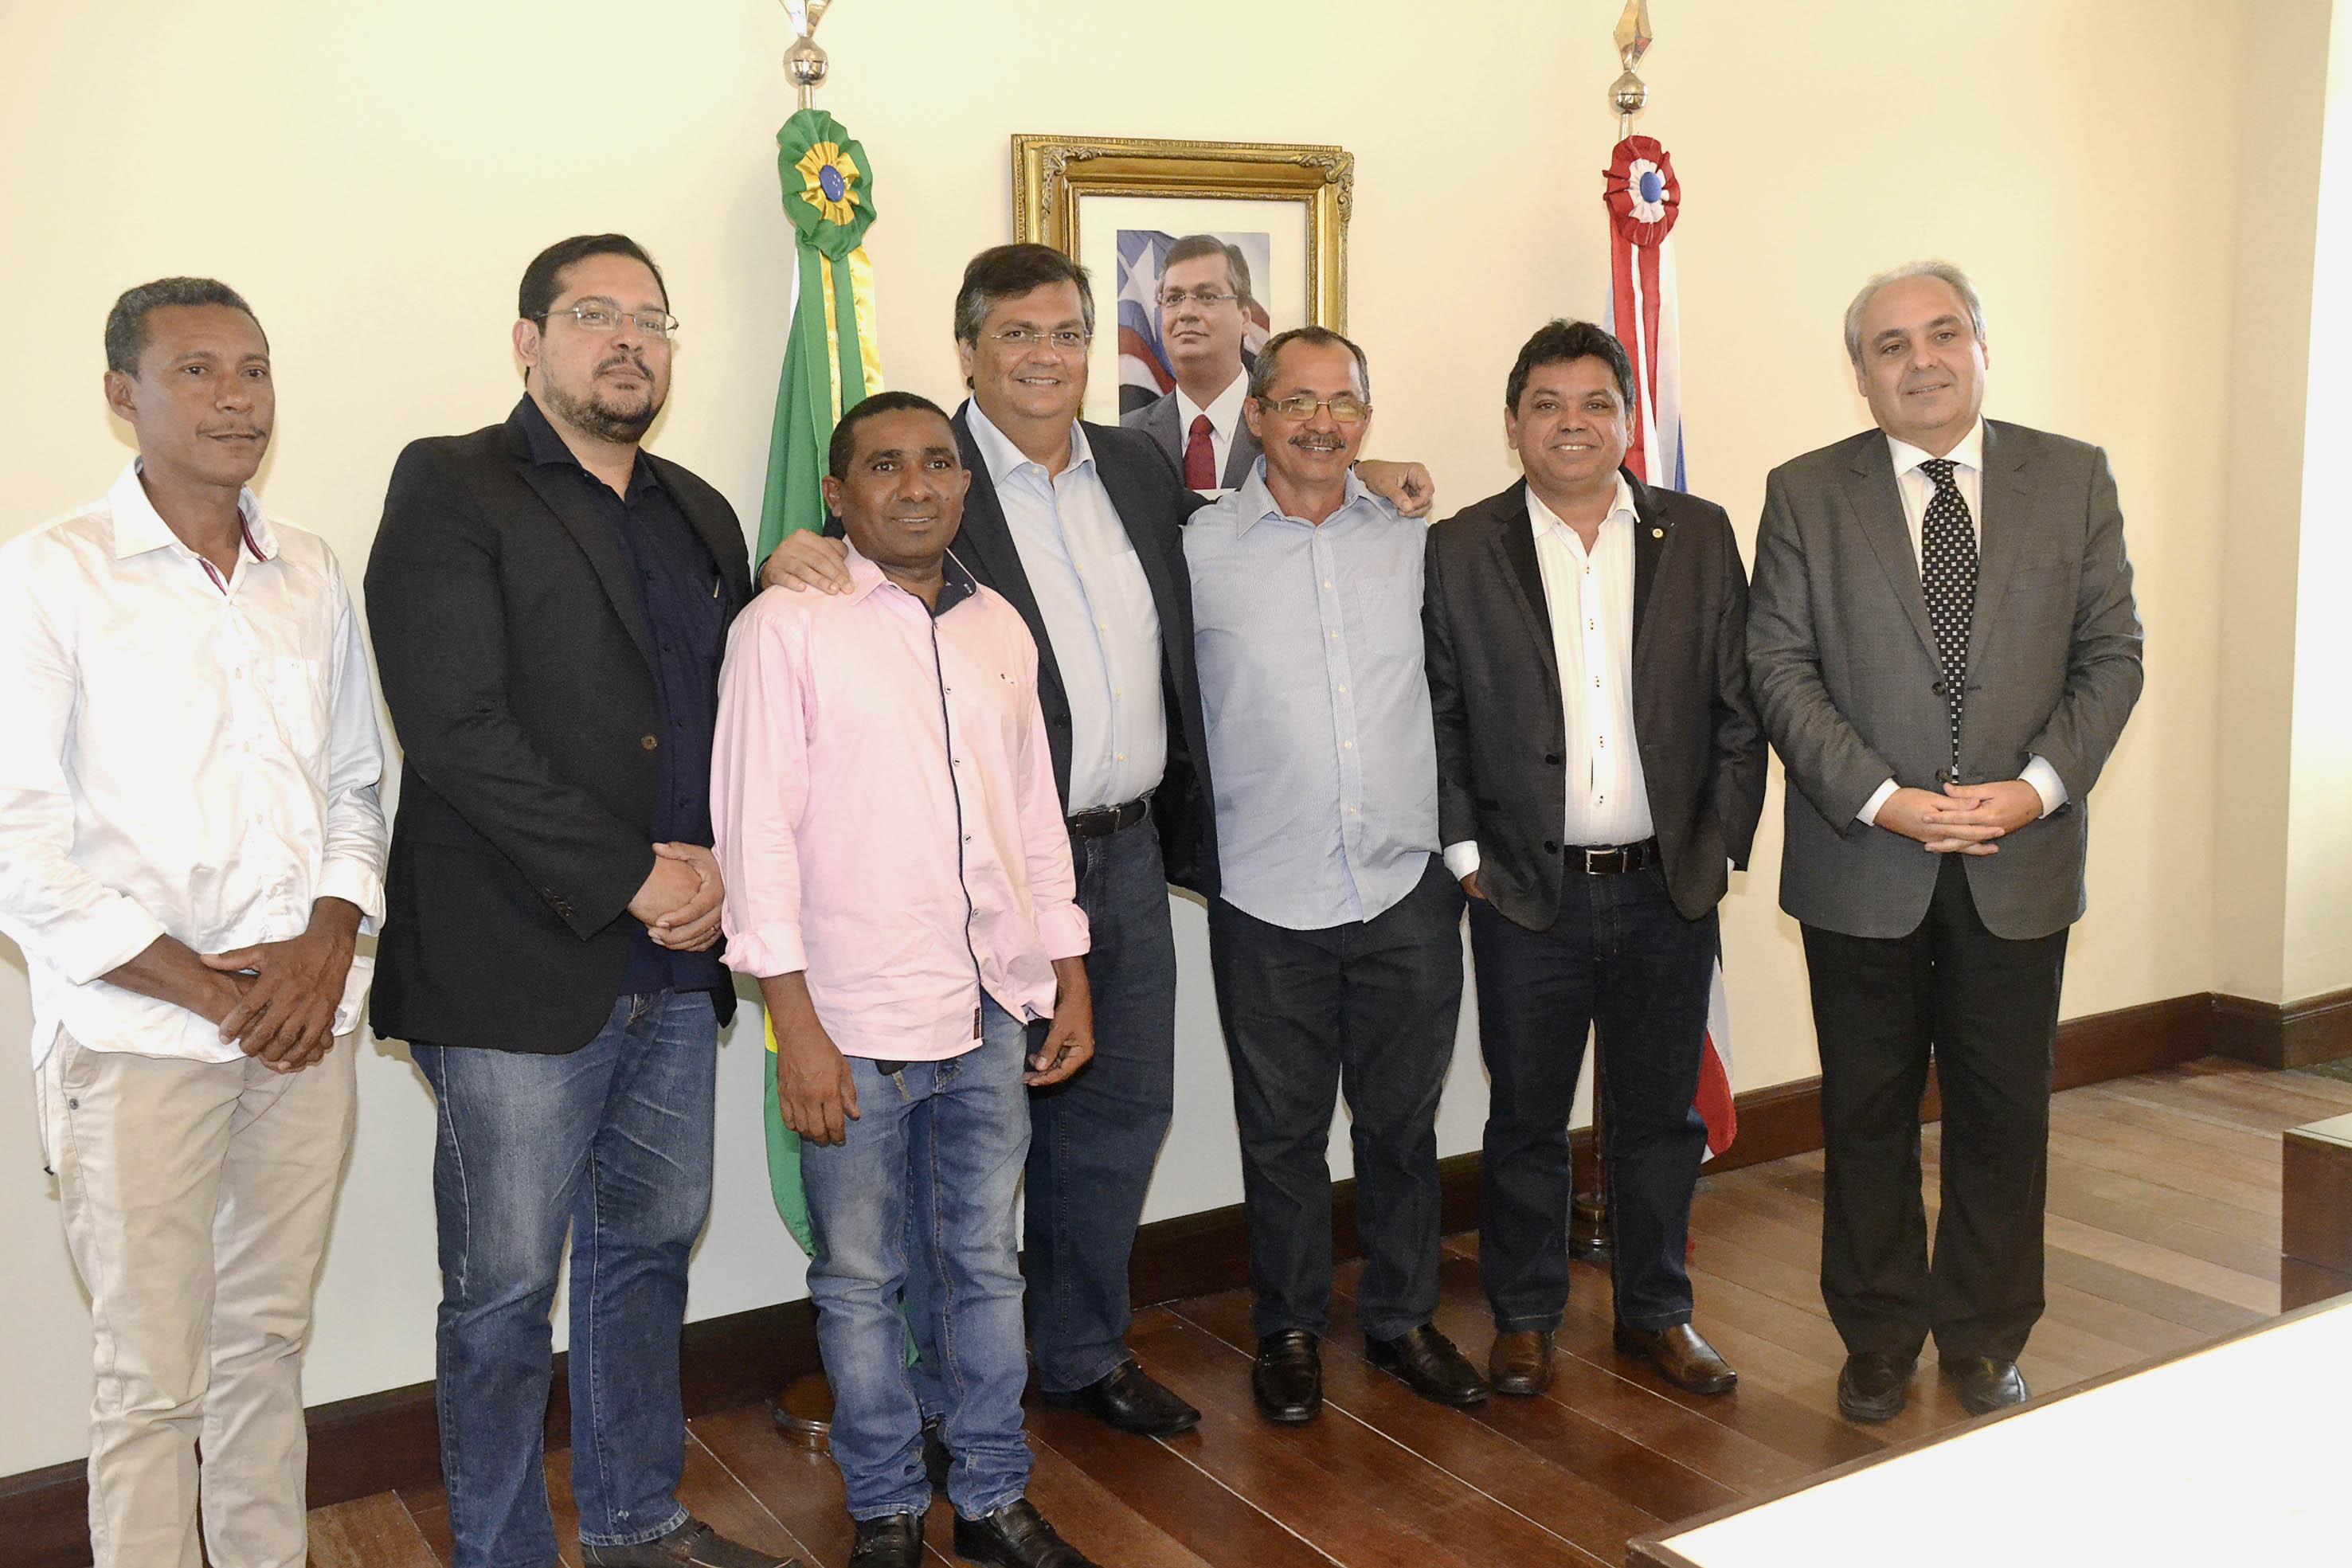 00288_kge_dr._orlando_prefeito_senador_alexandre_costa_4_963775722088432644